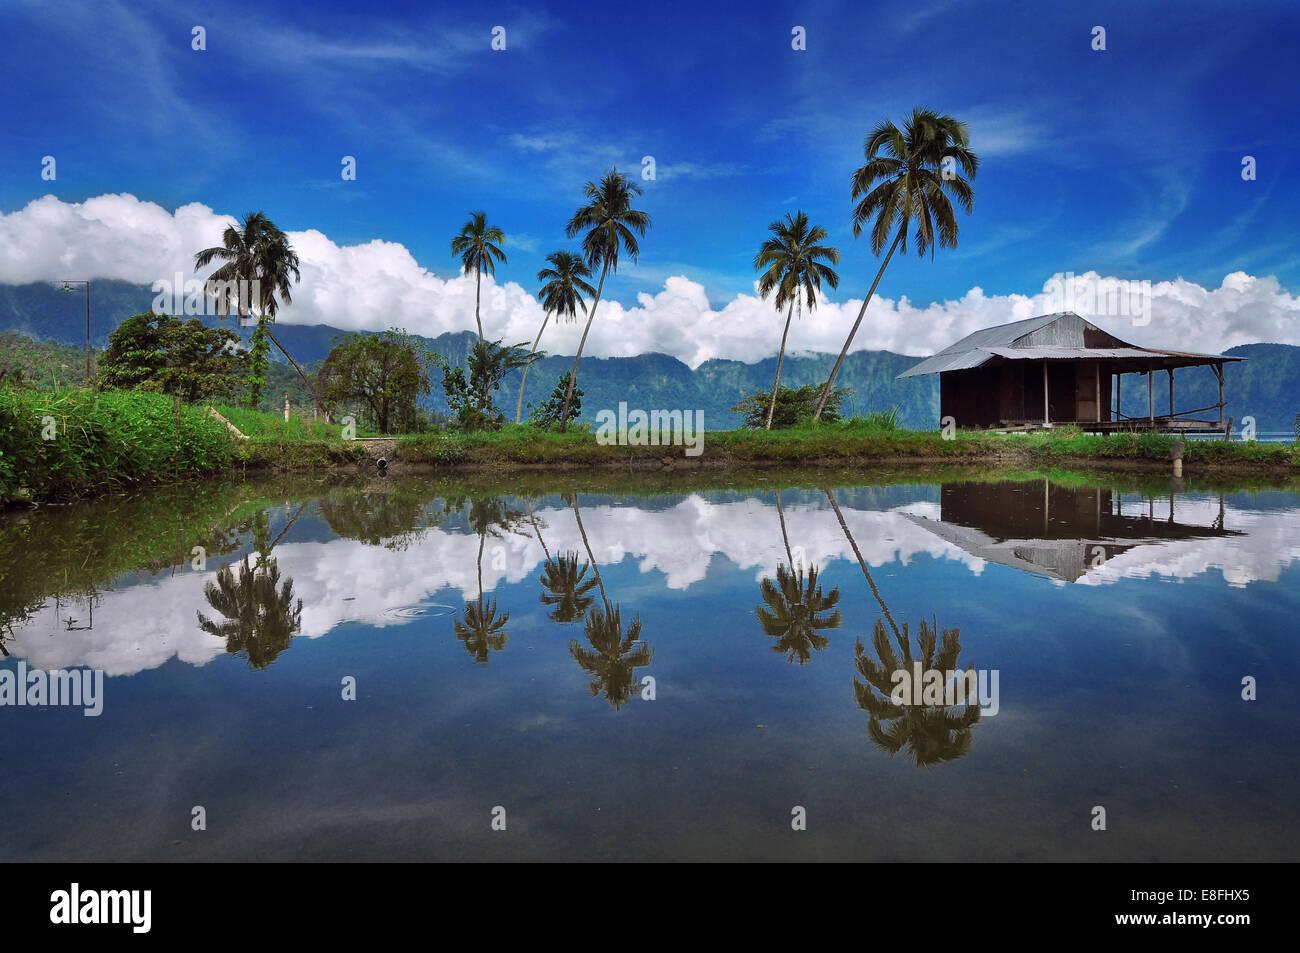 Indonesien, Padang, Maninjau Seengebiet, Reflexion der Palmen Stockbild